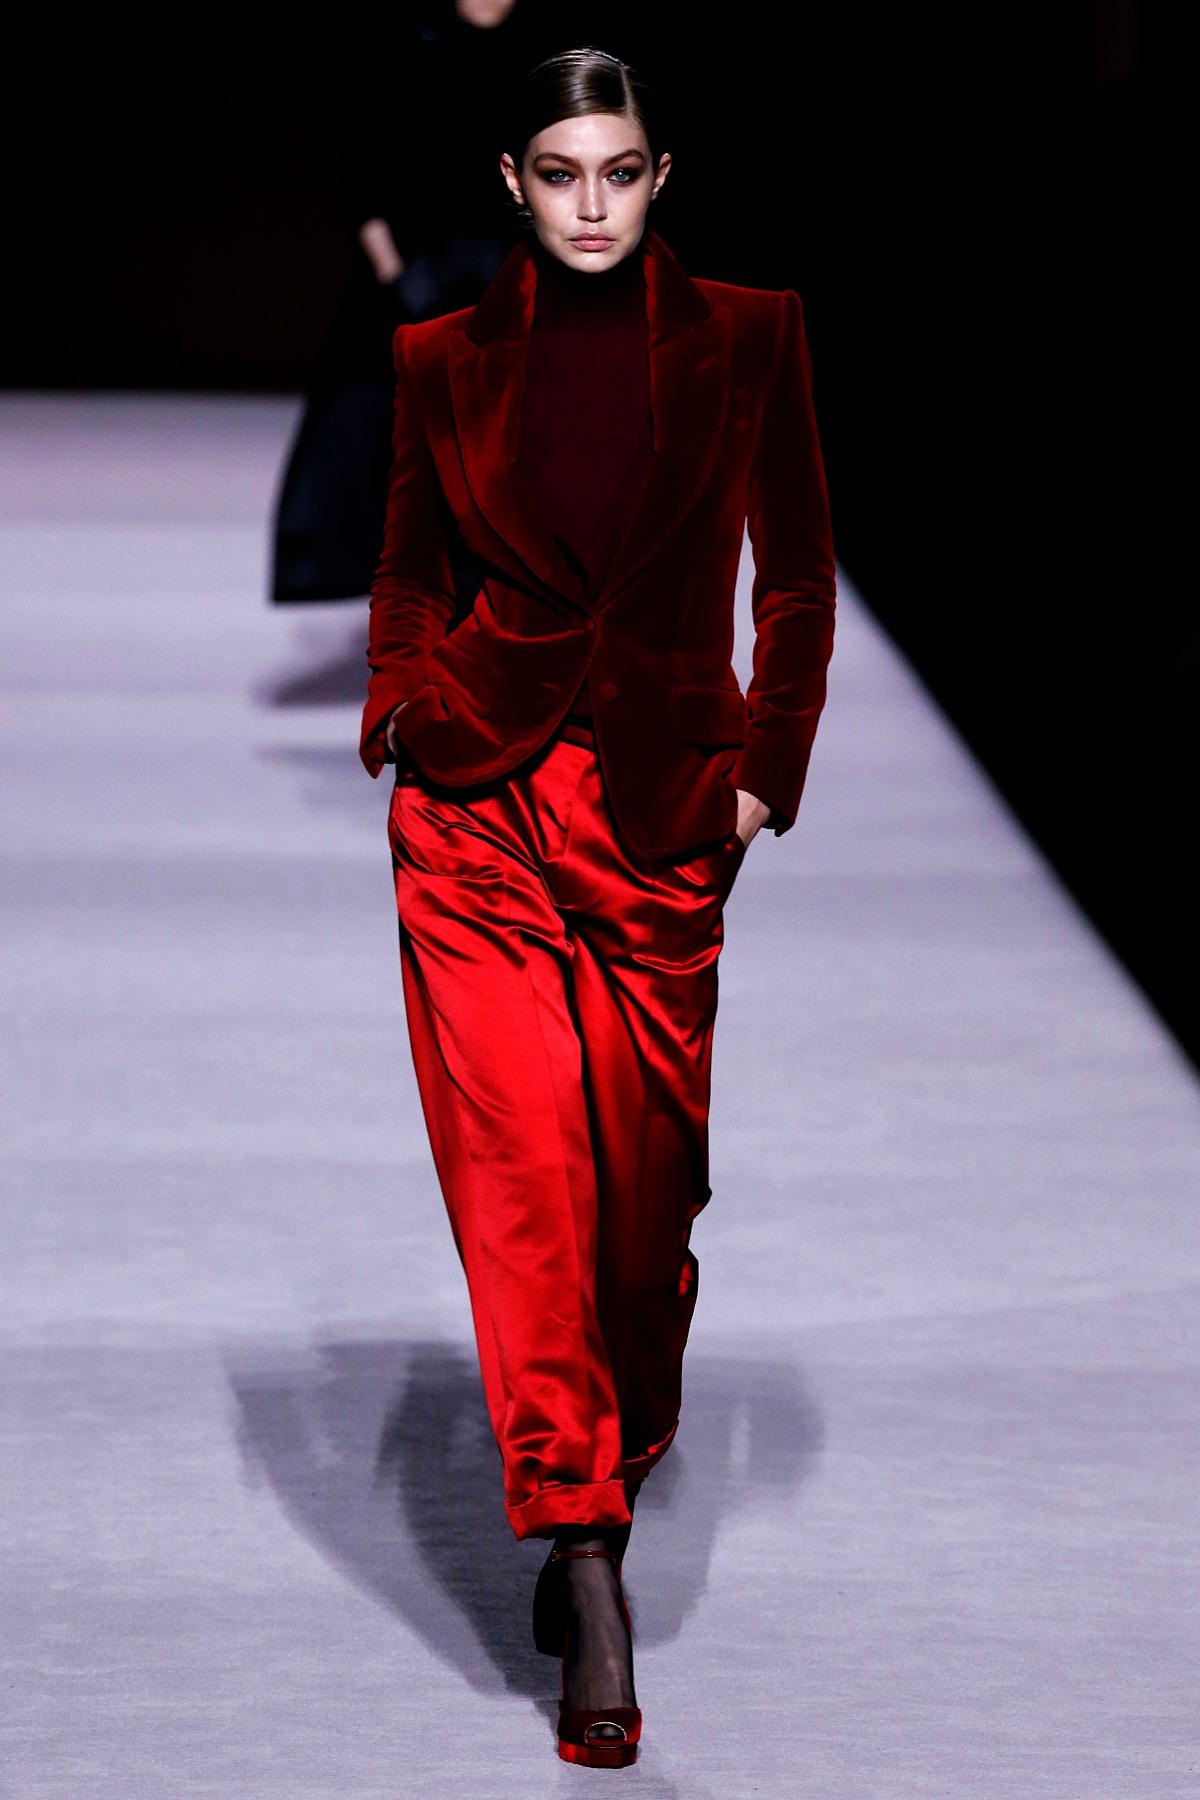 Coupes de pantalon à la mode cet automne/hiver 2019/2020